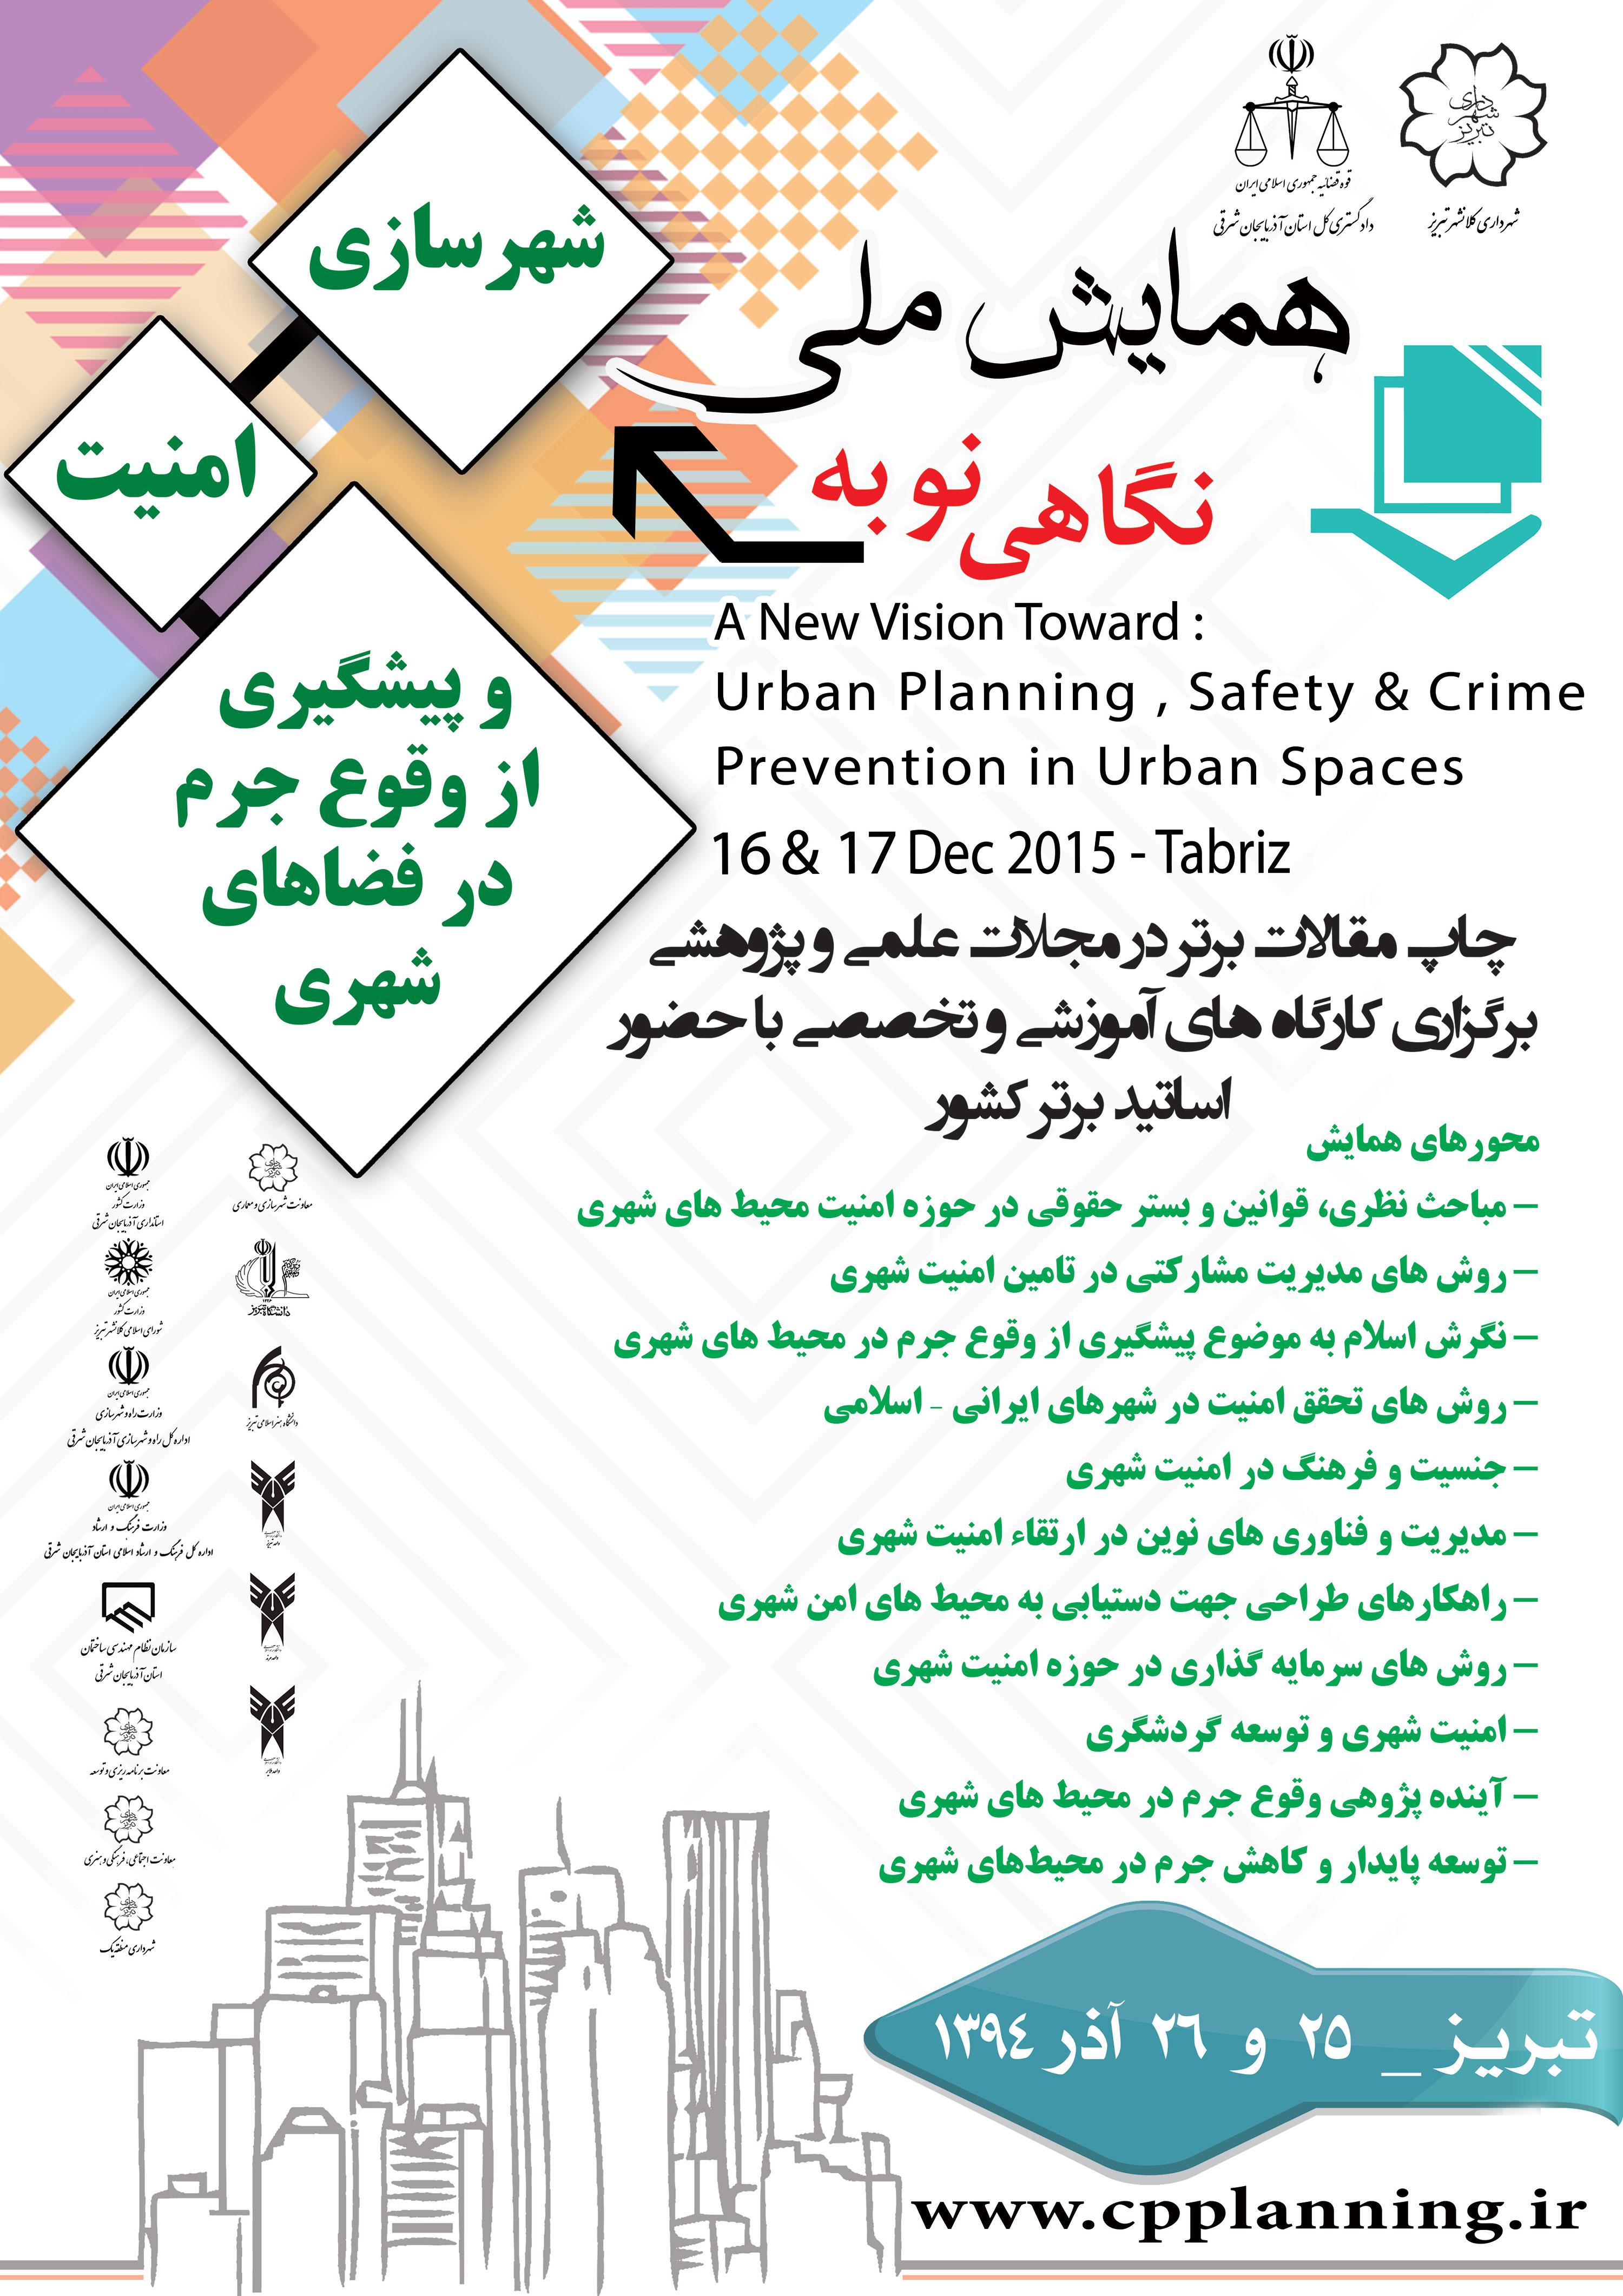 کنفرانس نگاهی نو به شهرسازی، امنیت و پیشگیری از وقوع جرم در فضاهای شهری